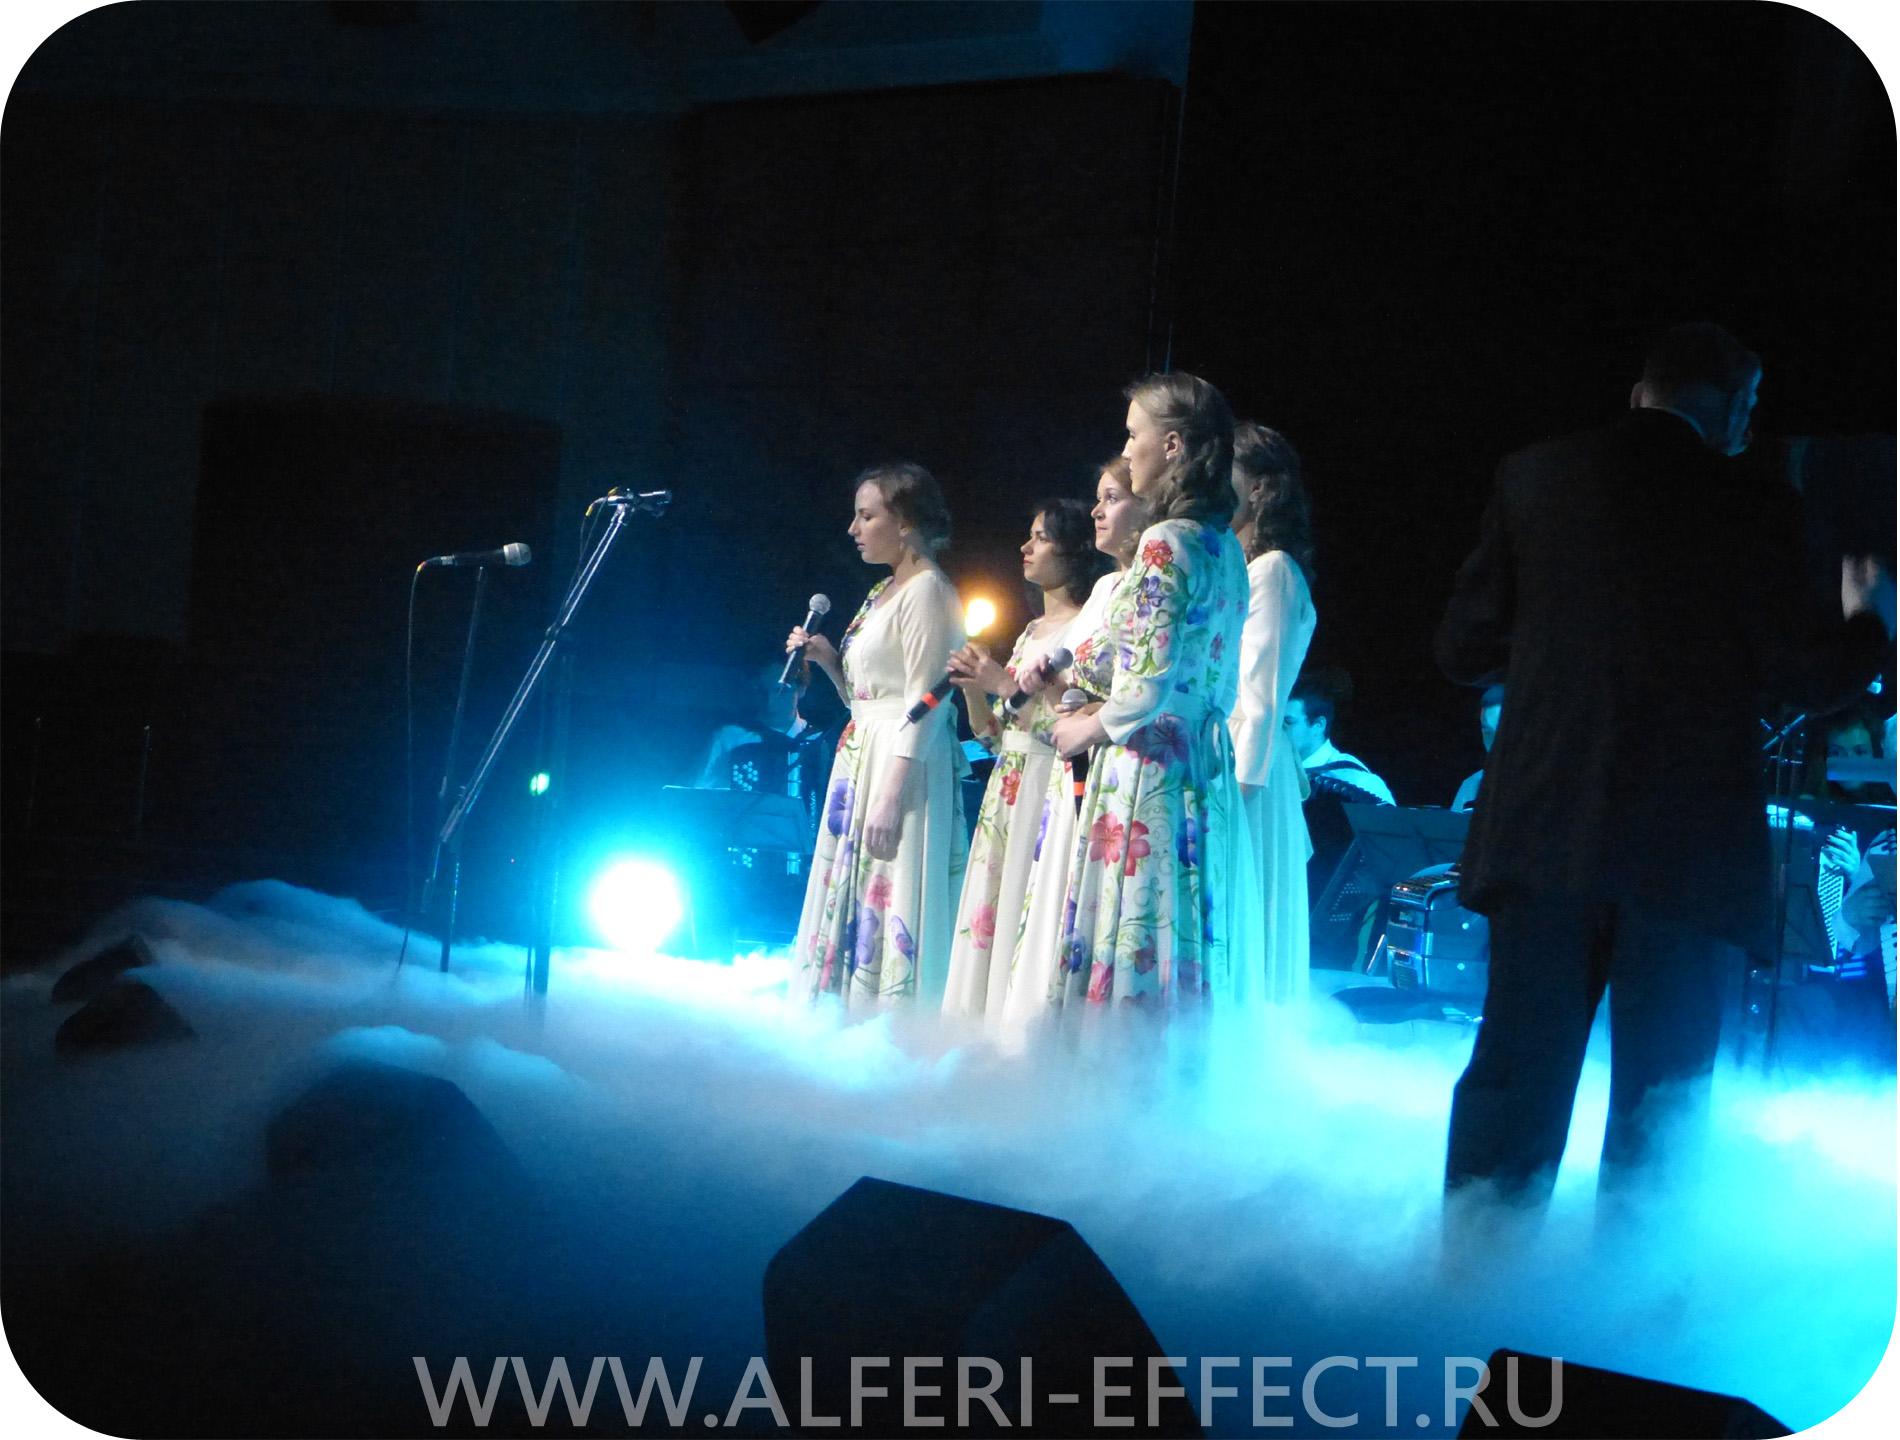 Тяжелый дым в Санкт-Петербурге на концерте посвященном 70-летию Победы